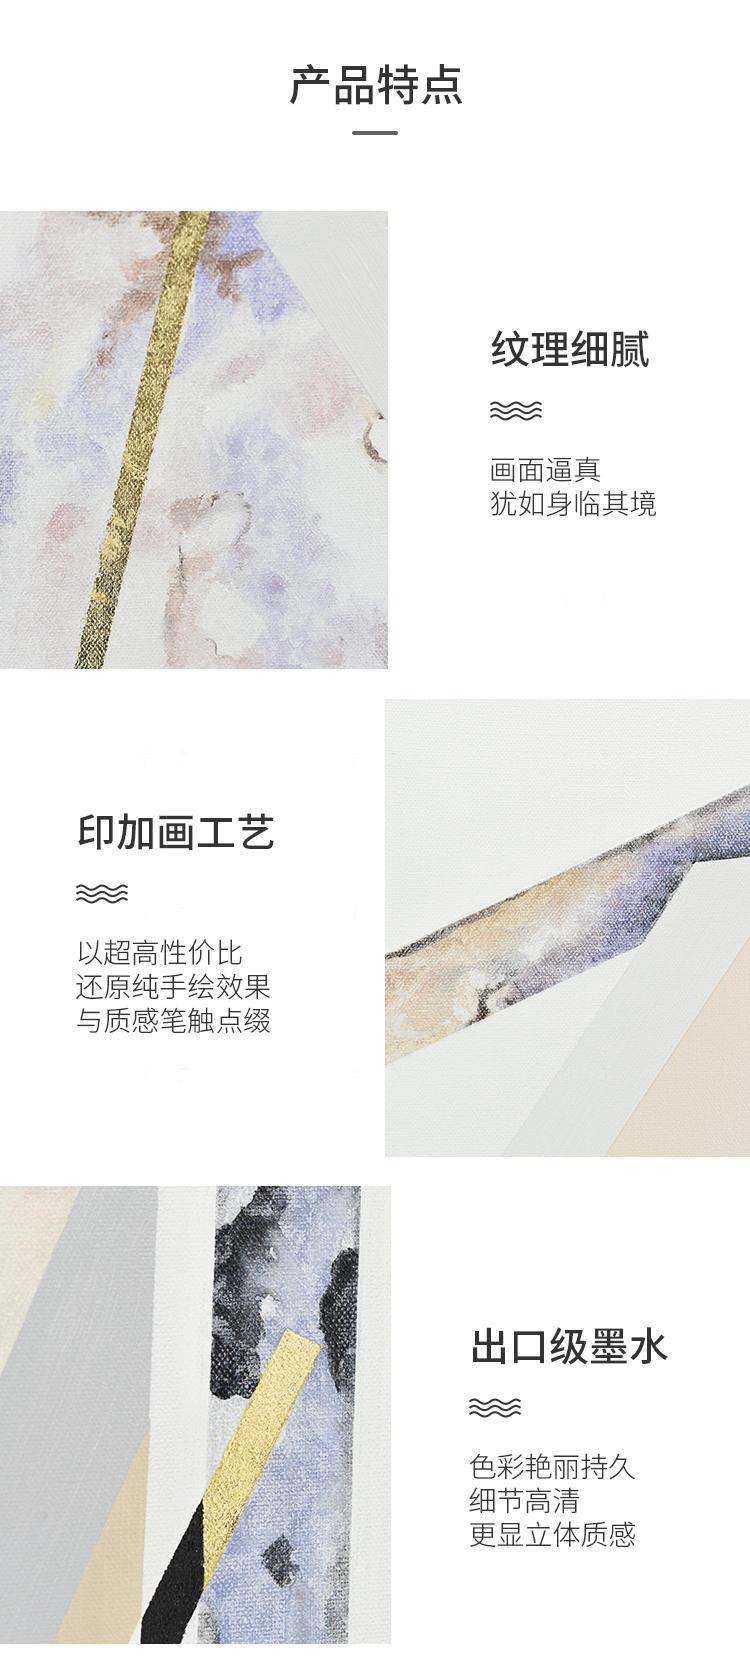 绘美映画系列抽象空间挂画的详细介绍